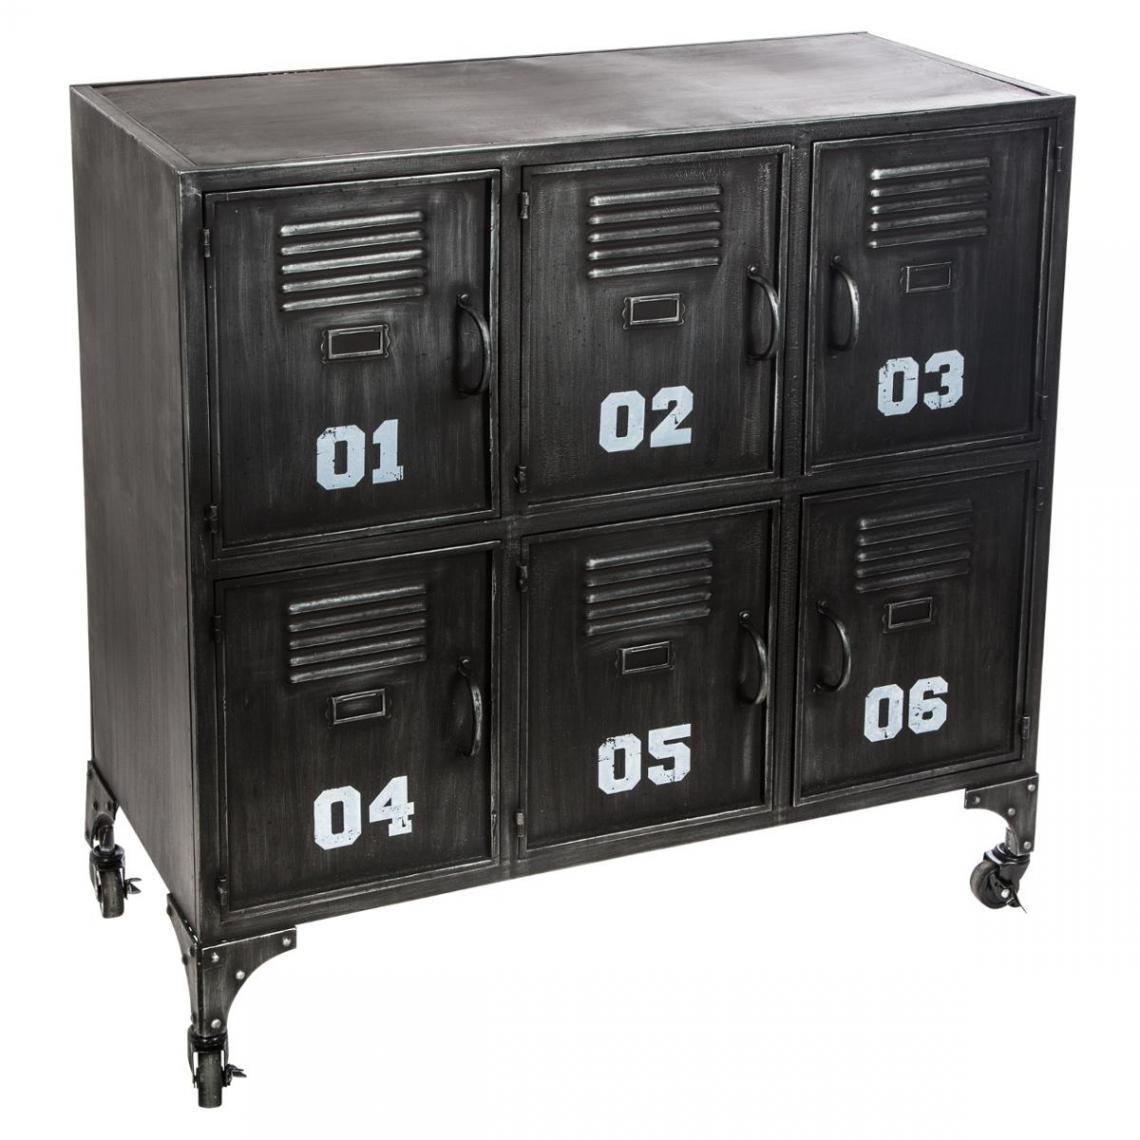 meuble en metal a roulettes 6 portes case